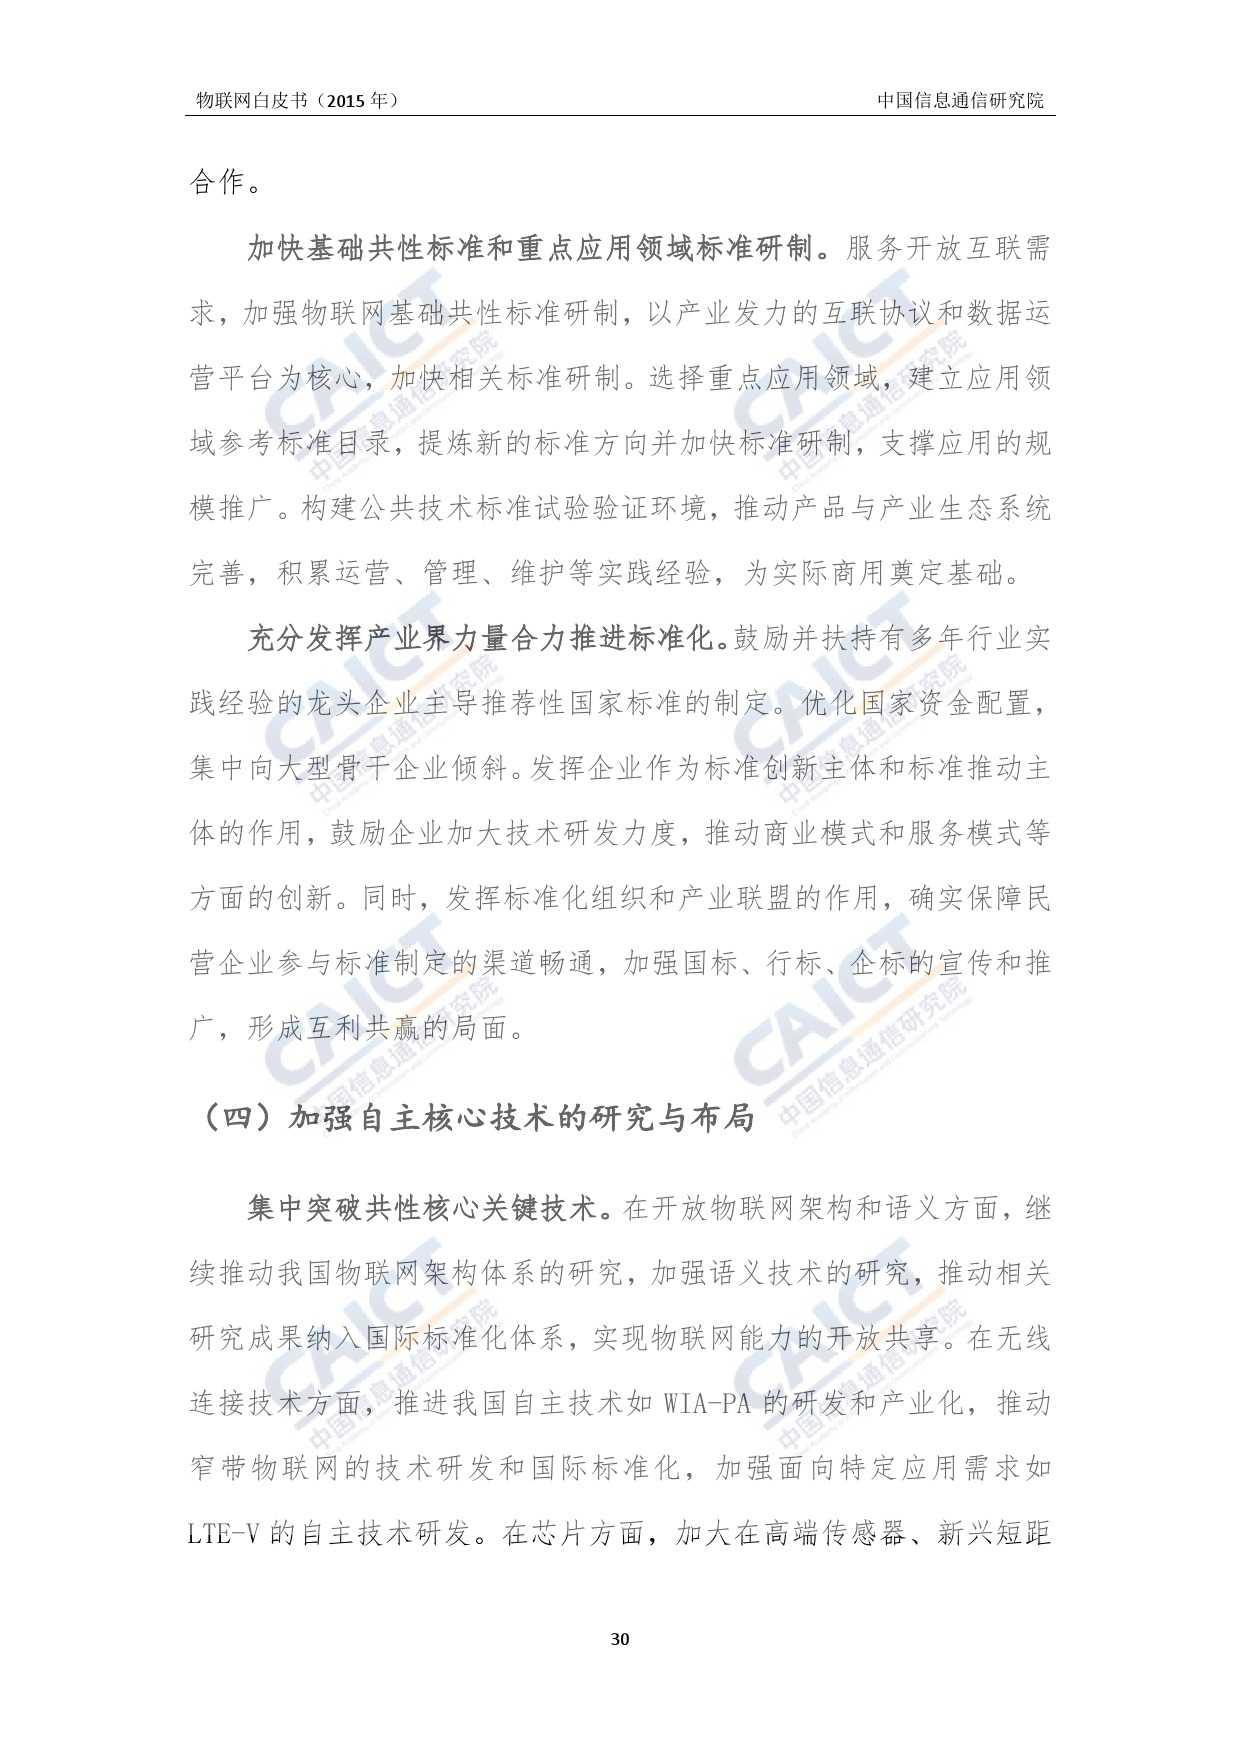 中国信息通信研究院:2015年物联网白皮书_000034